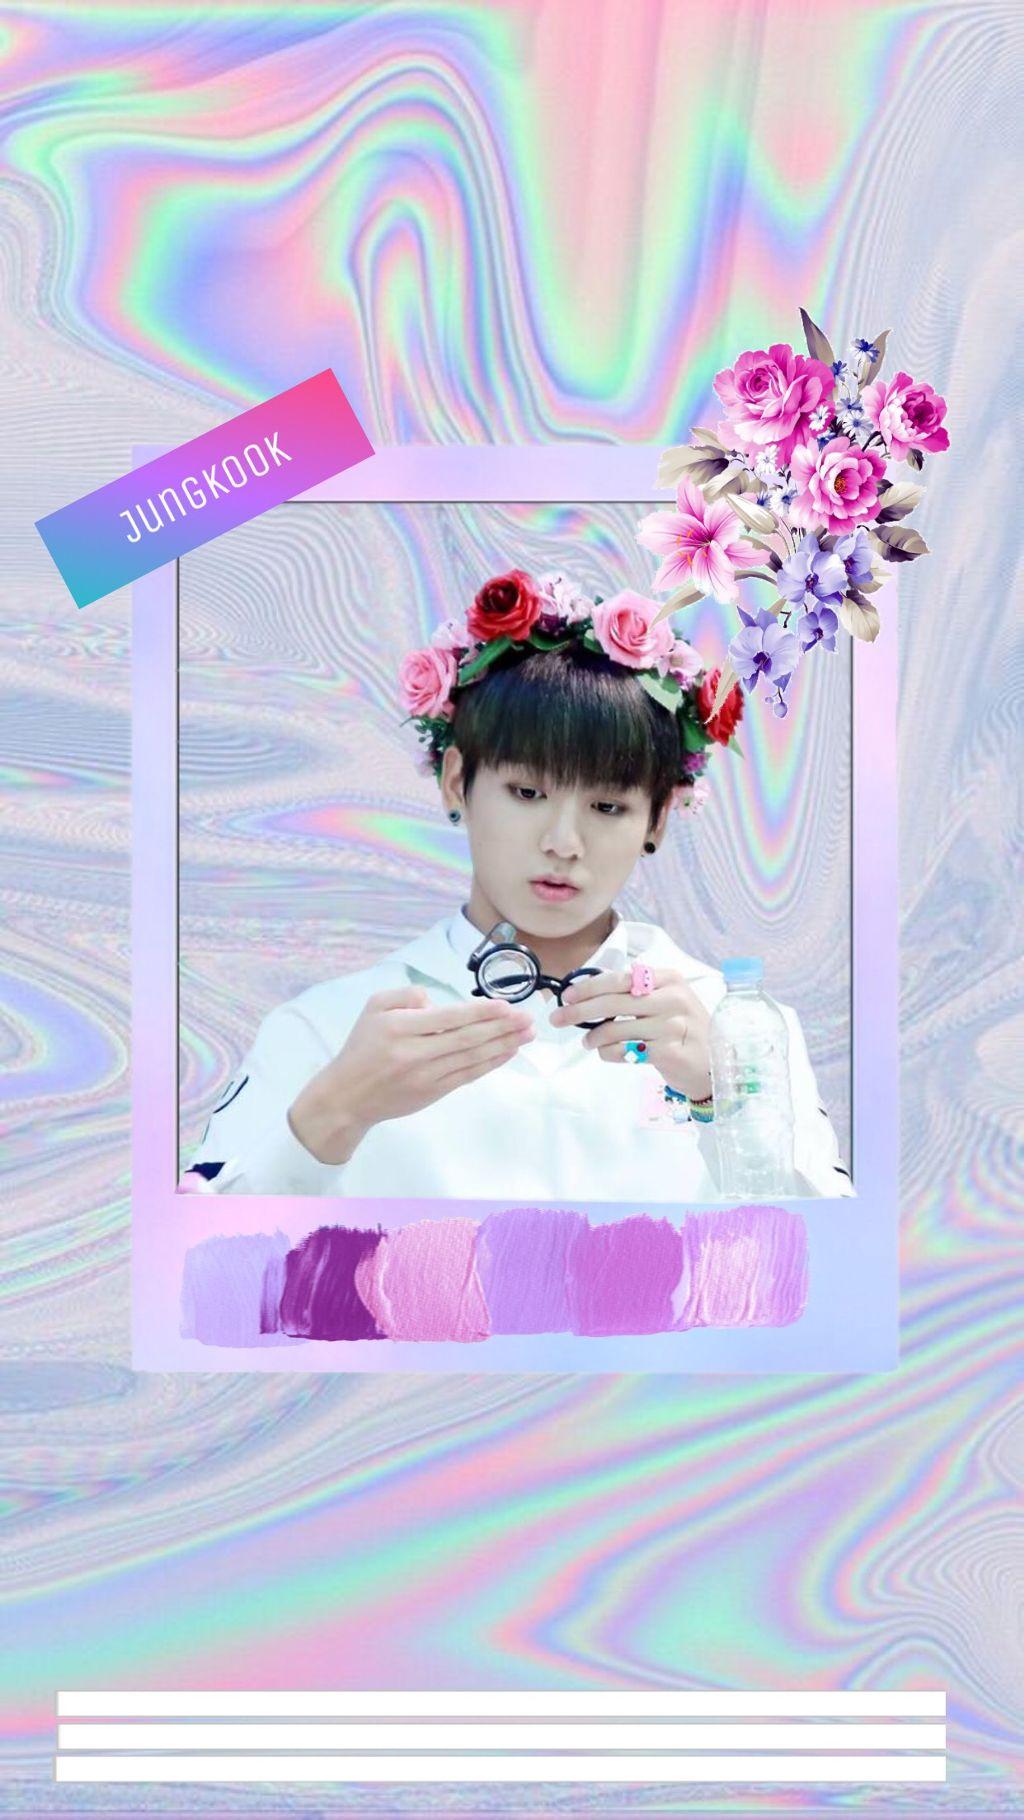 Wallpaper Cute Pink Kookie Baby BTS Jungkook Kpop Aesth